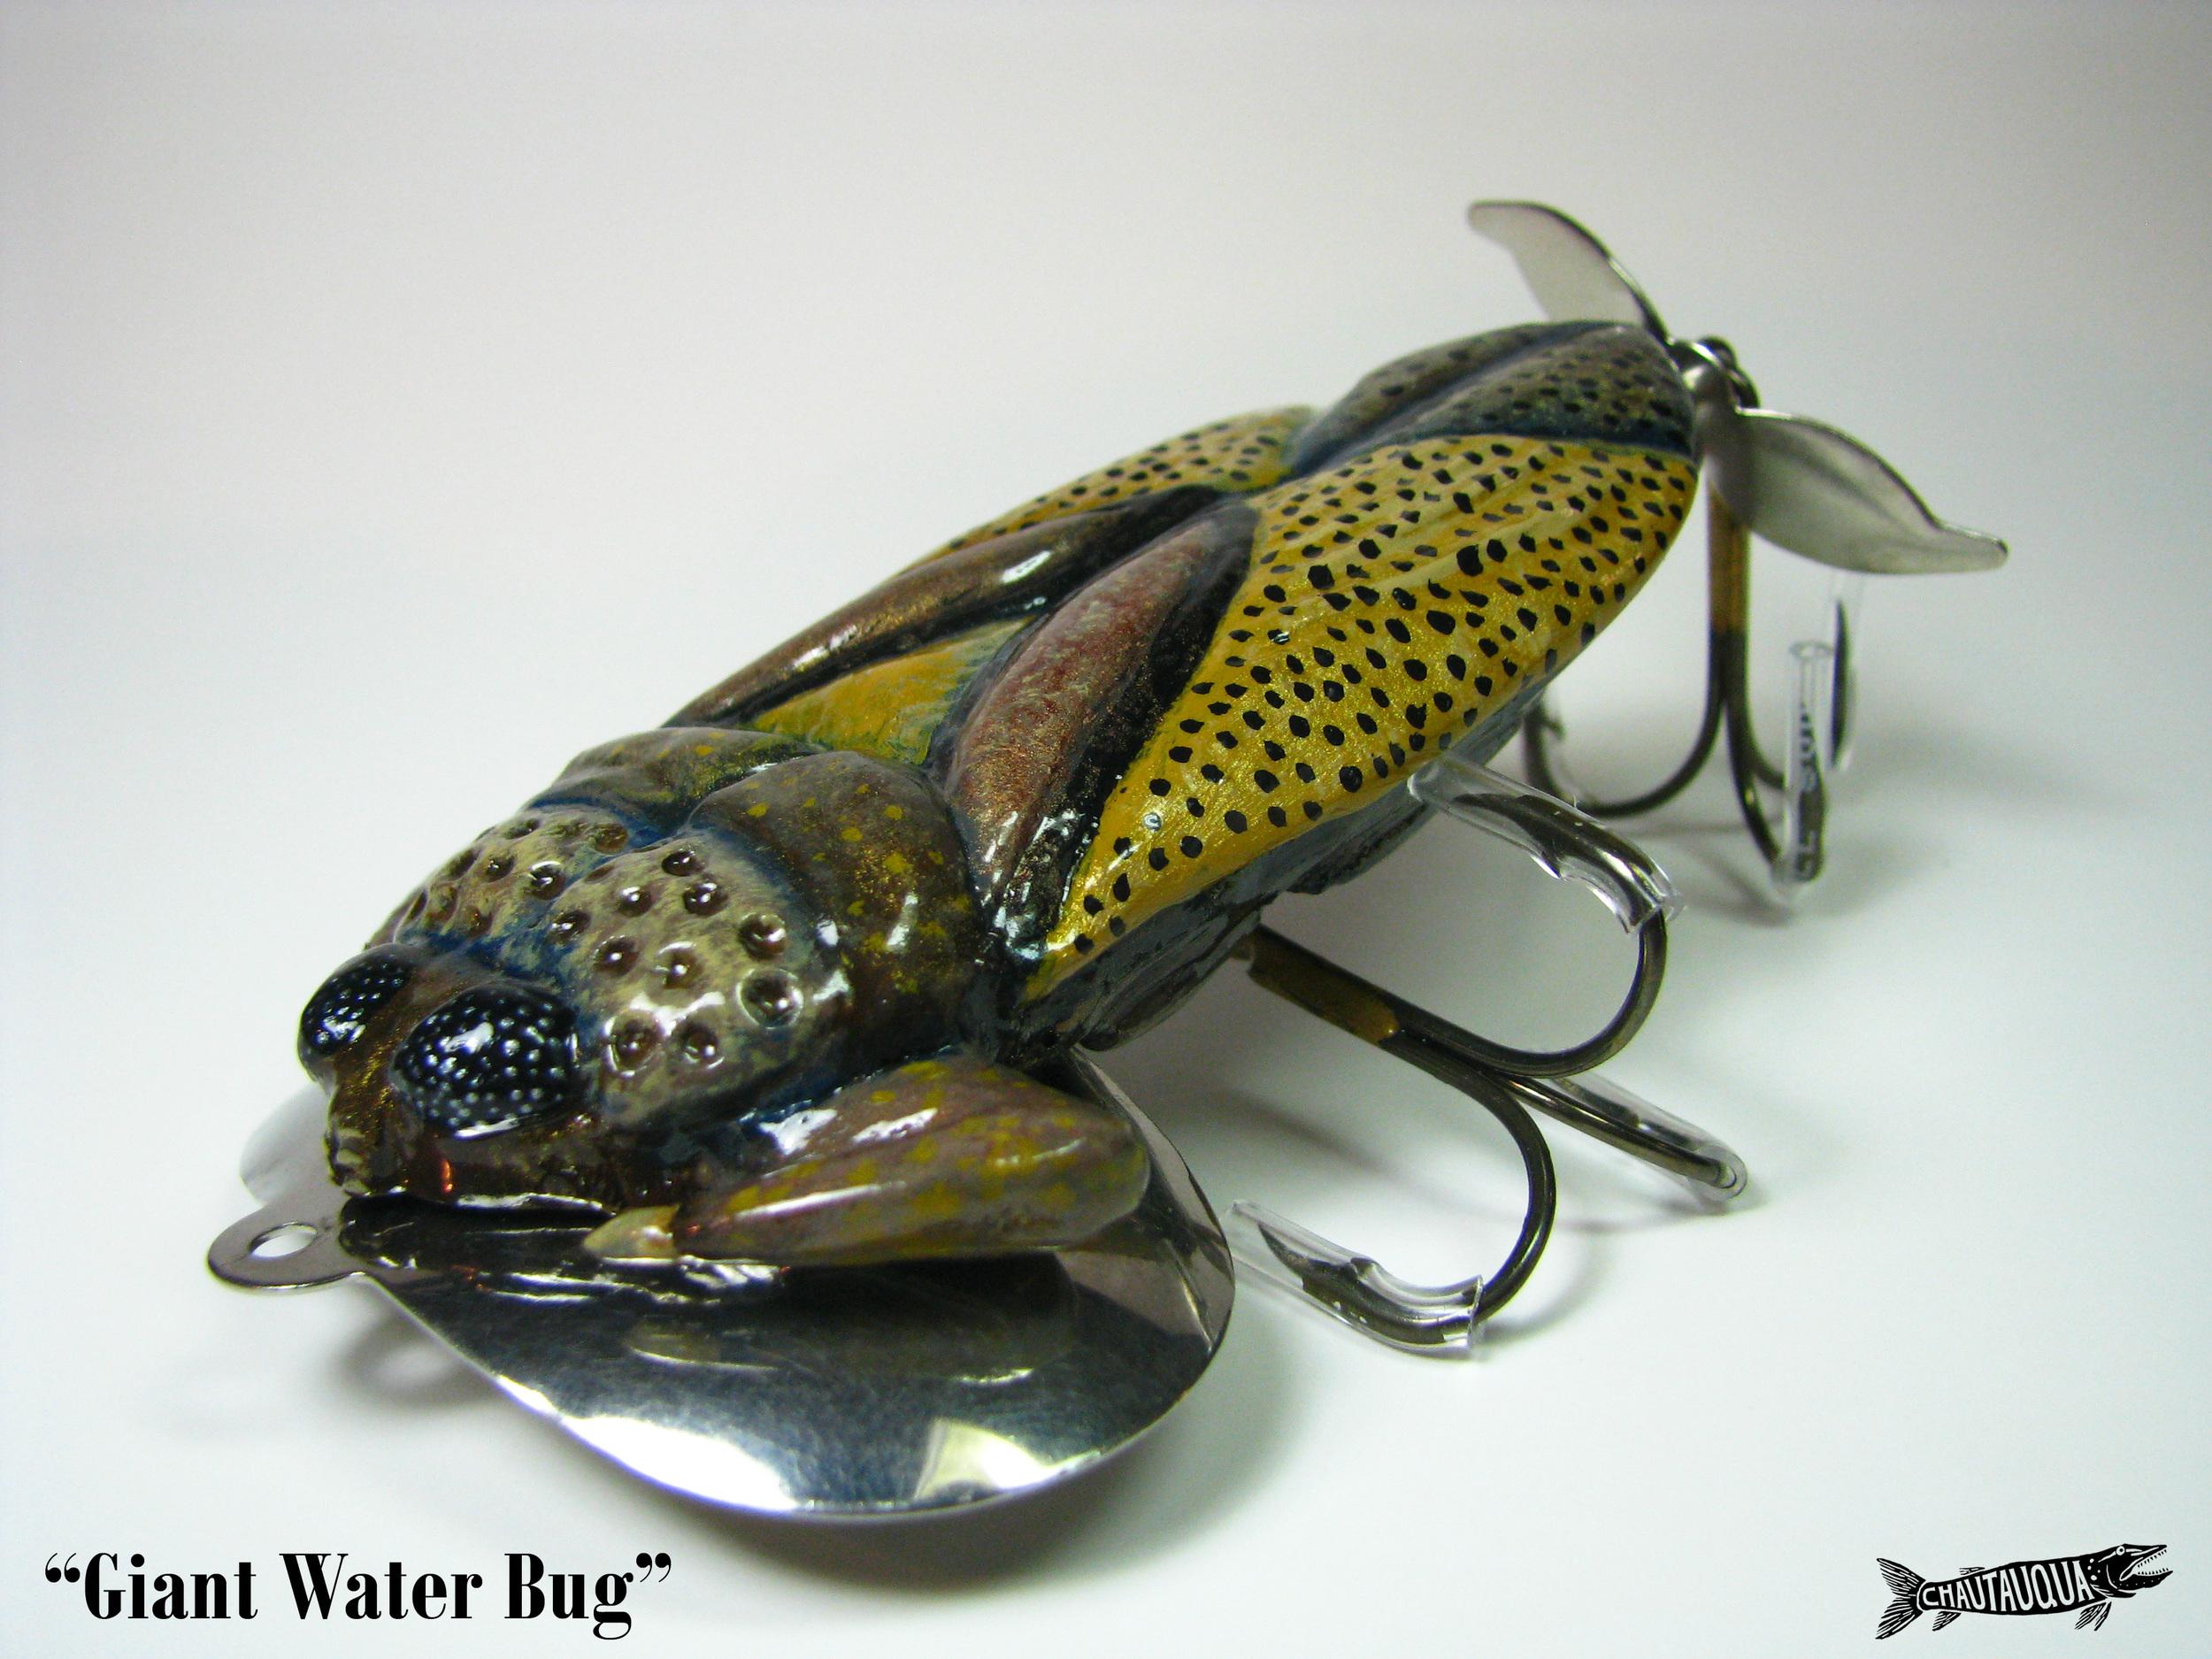 Giant Water Bug3.jpg